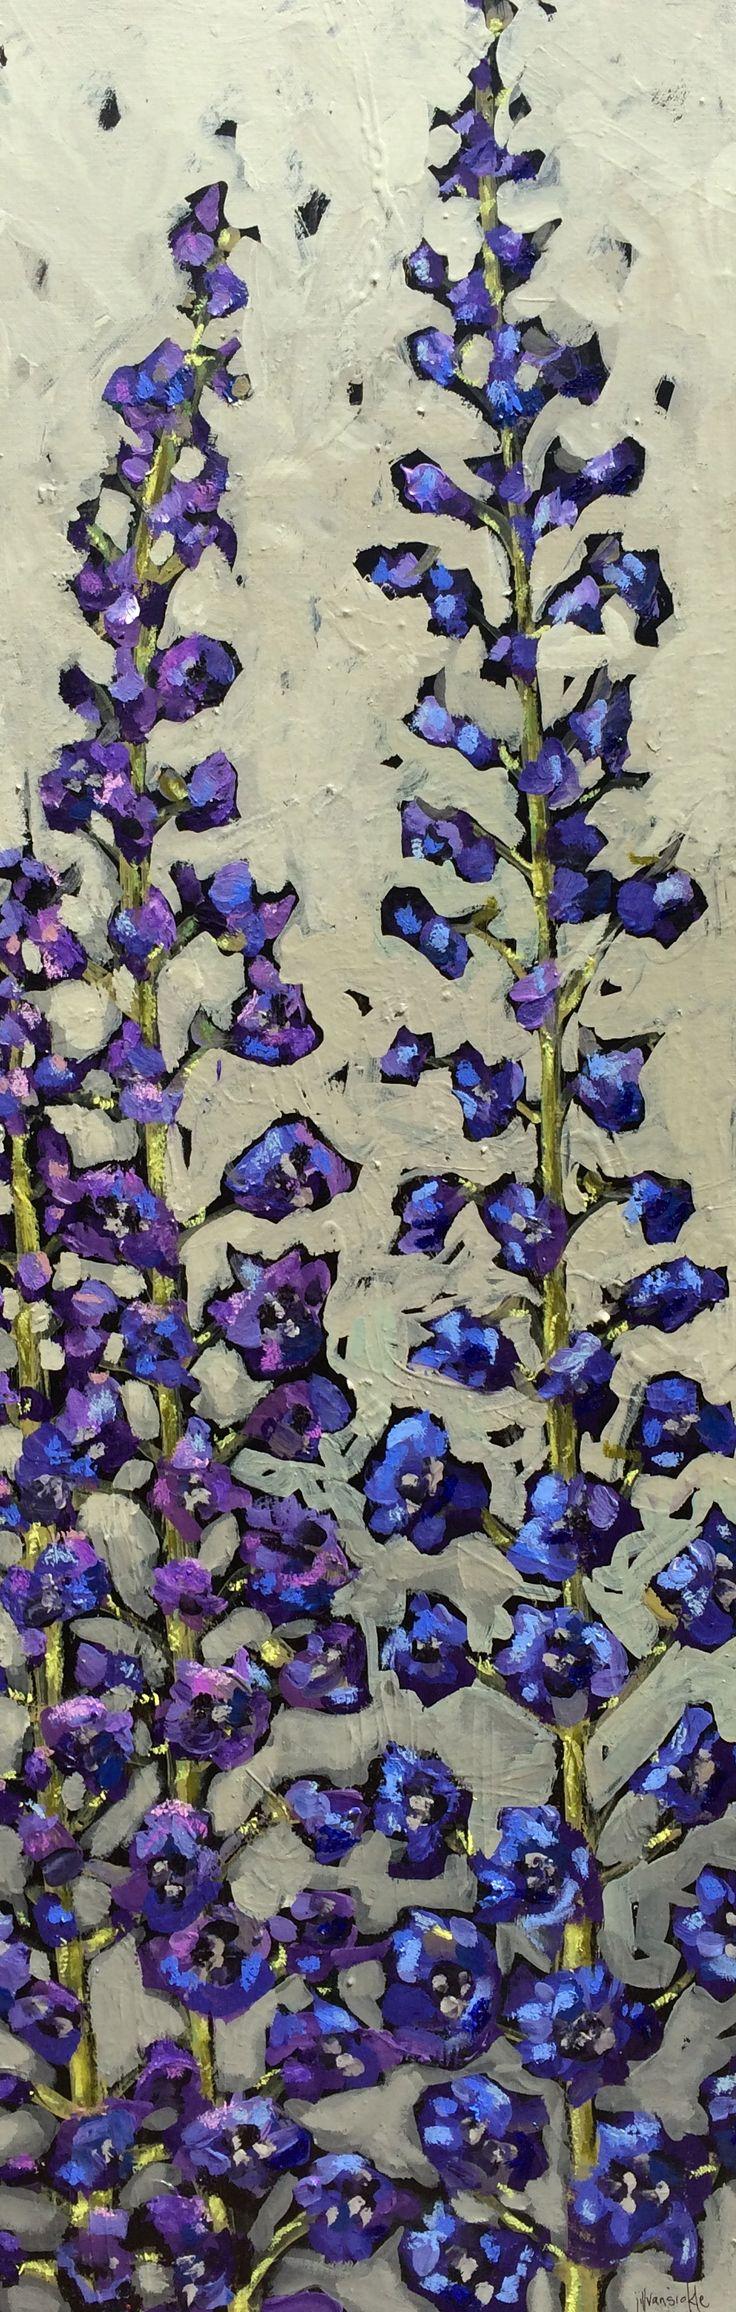 www.jillvansickle.com  Larkspur, delphinium, painting, art, artwork, canvas, blues, floral, flowers